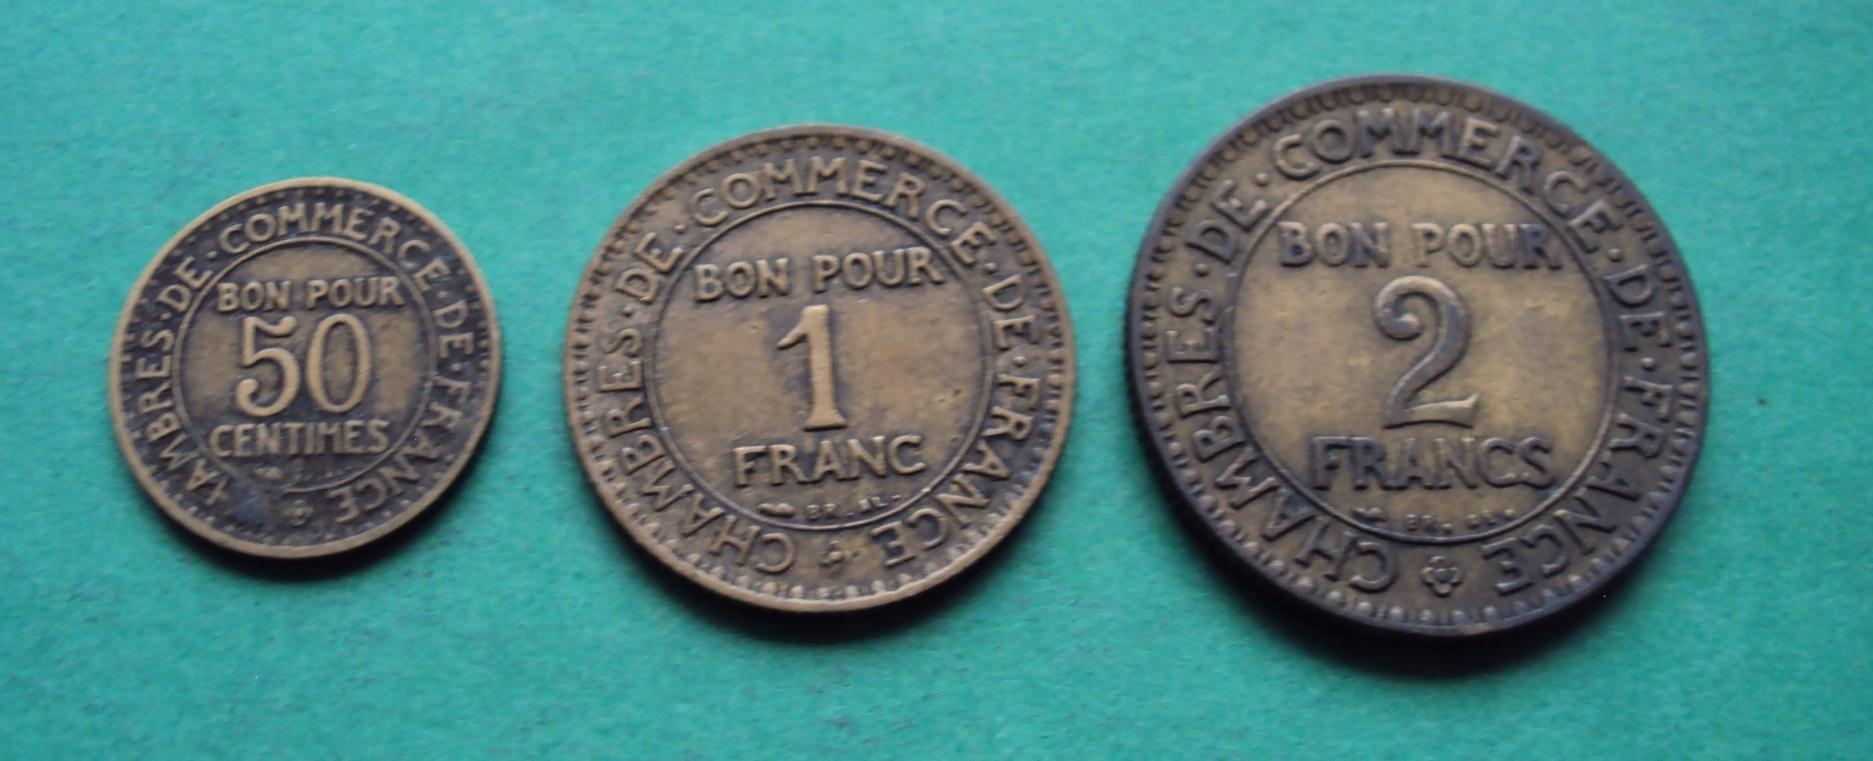 FRANCJA STARA zestaw 50 c 1 2 Francs Bon Pour 1922